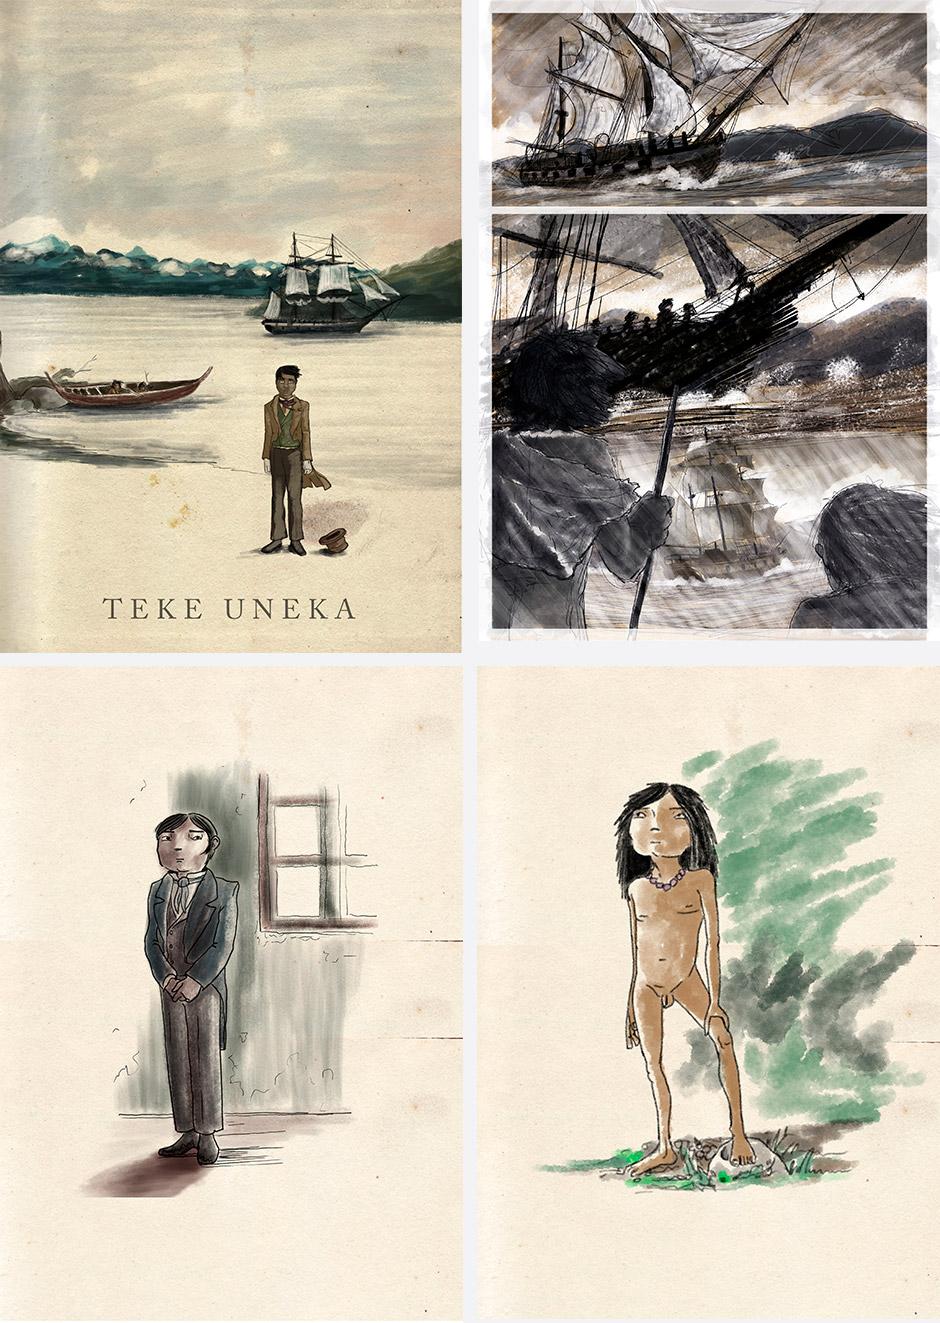 Teke-Uneka-imagenes